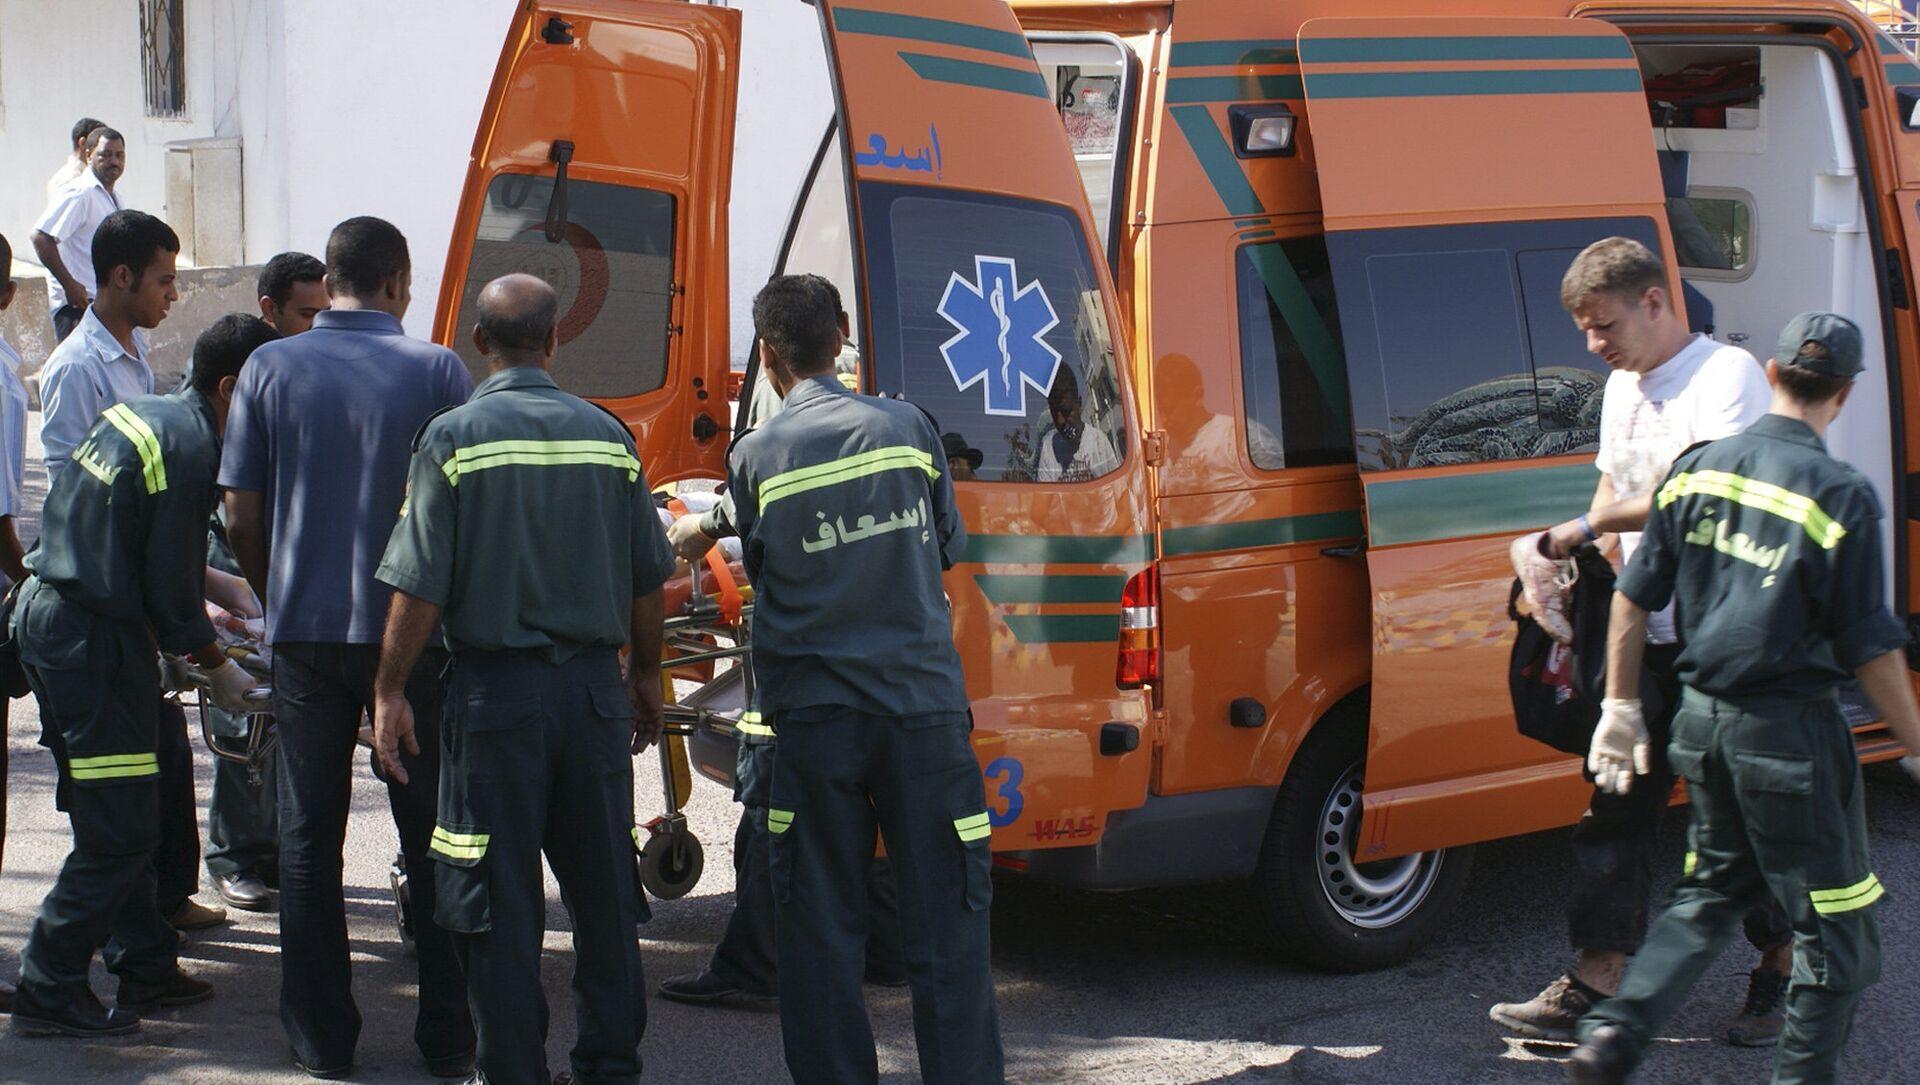 Ambulanza, Egitto - Sputnik Italia, 1920, 27.03.2021